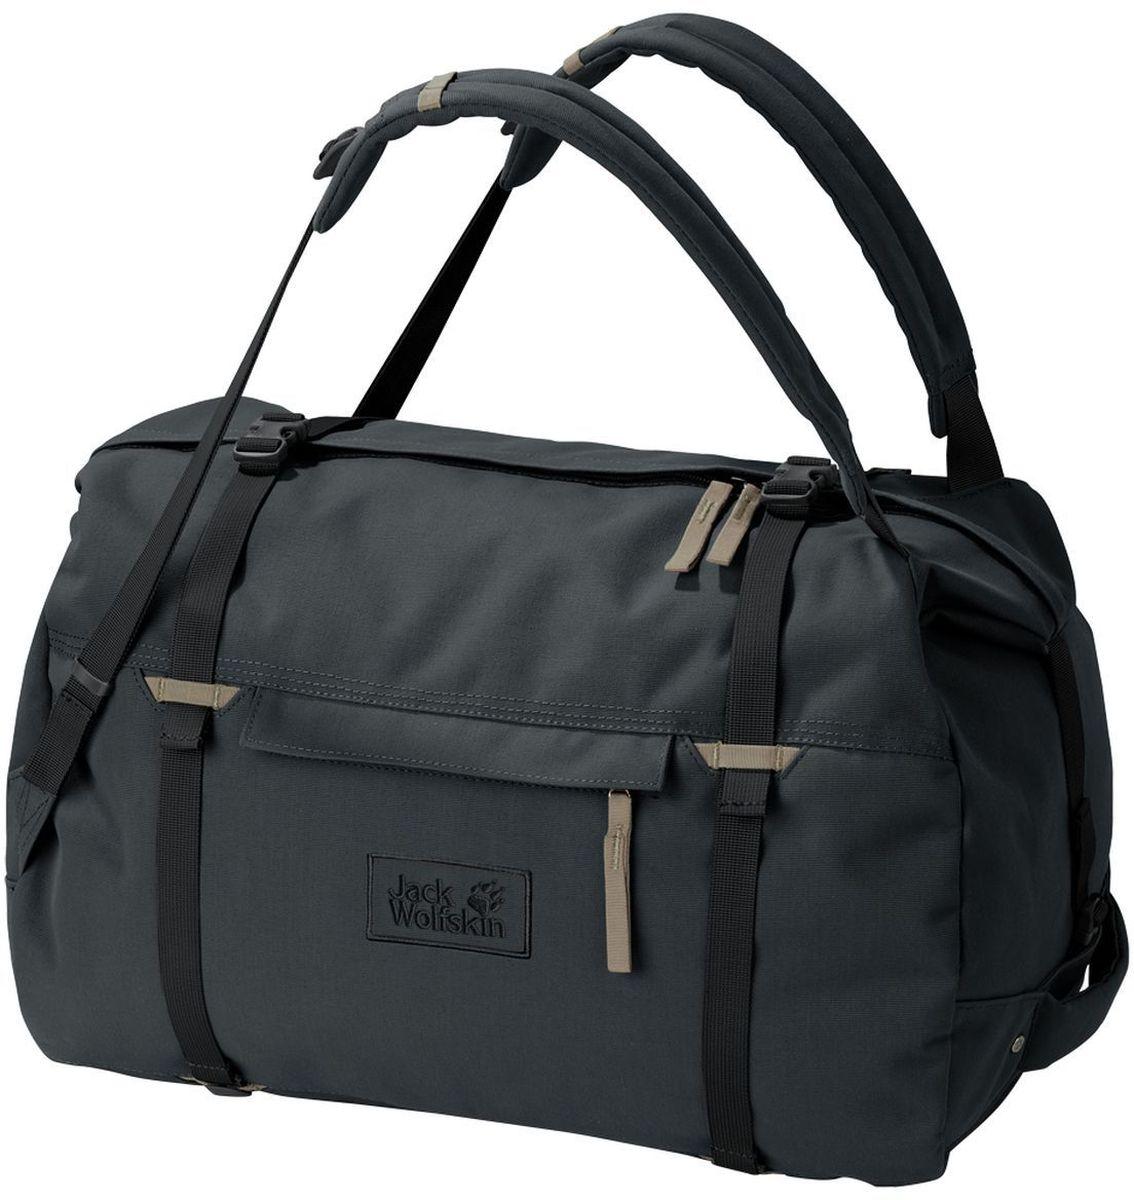 Сумка-рюкзак Jack Wolfskin Roamer 80 Duffle, цвет: темно-серый. 2005671-635010931-1Сумка-рюкзак Jack Wolfskin Roamer 80 Duffle выполнена из полиэстер. Модель с одним отделением. Передняя стенка оформлена карманом на молнии. Очень большая и прочная сумка для путешествий с возможностью ношения как рюкзак